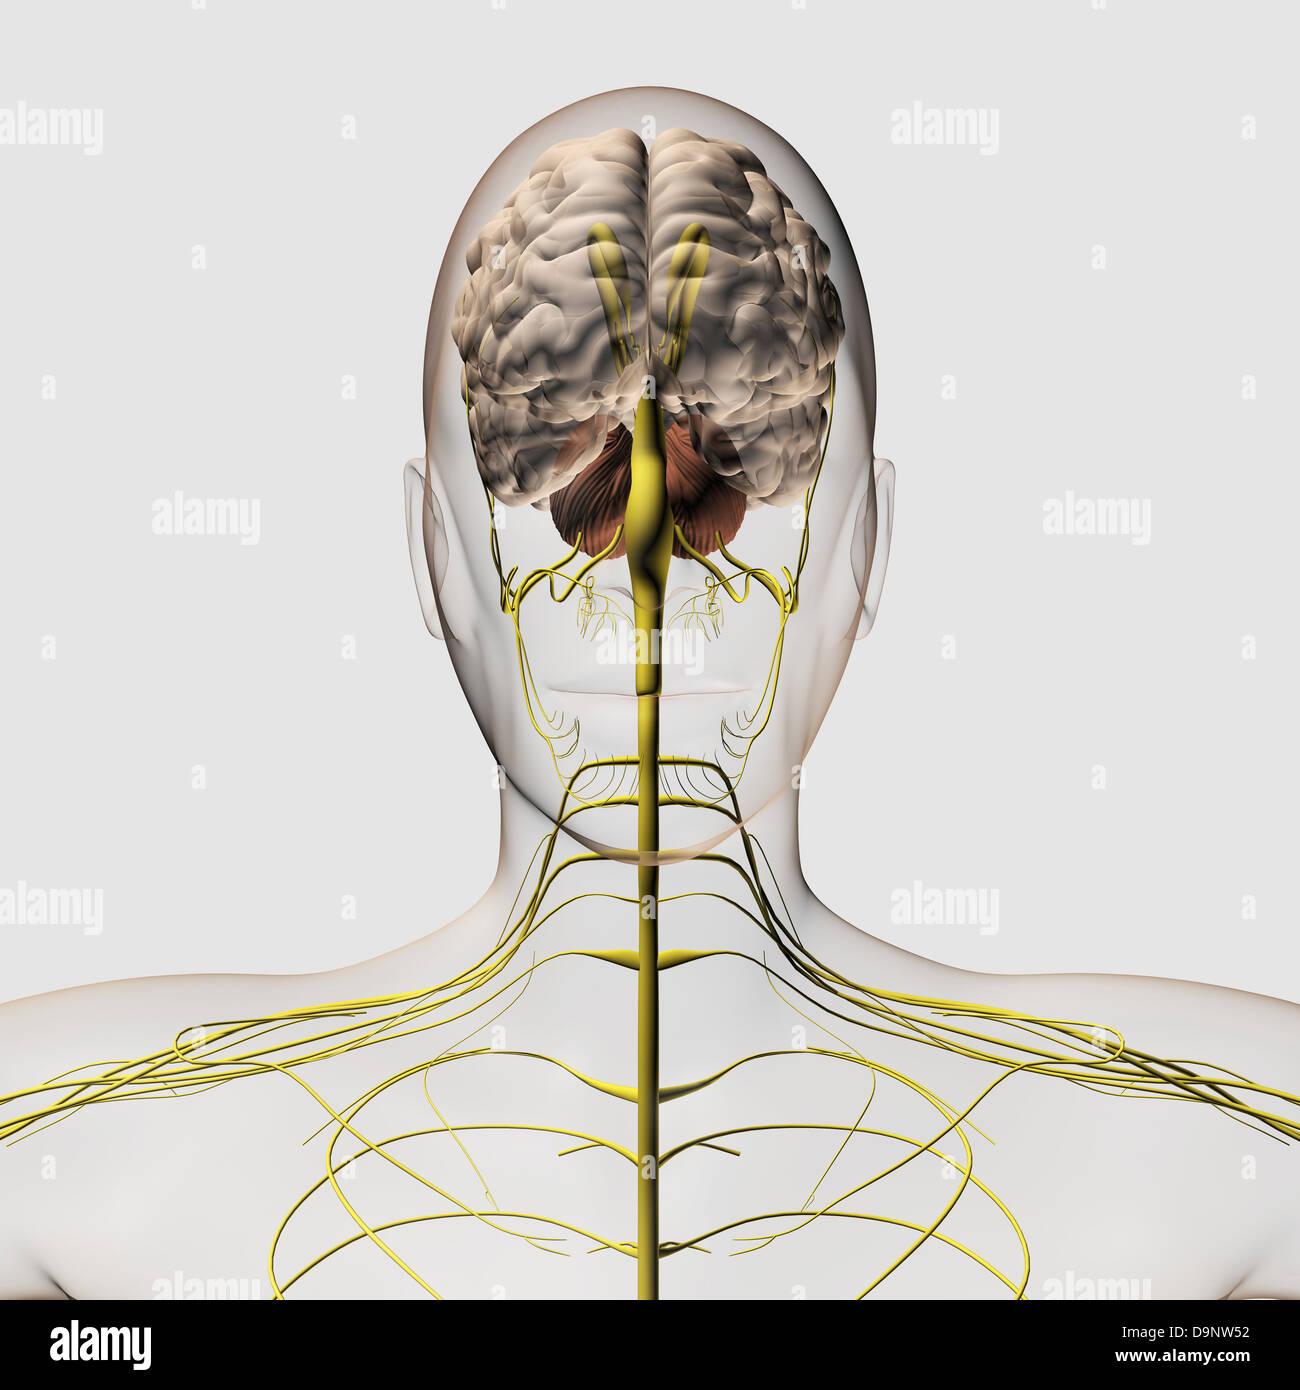 Medizinische Illustration des menschlichen Nervensystem und Gehirn ...